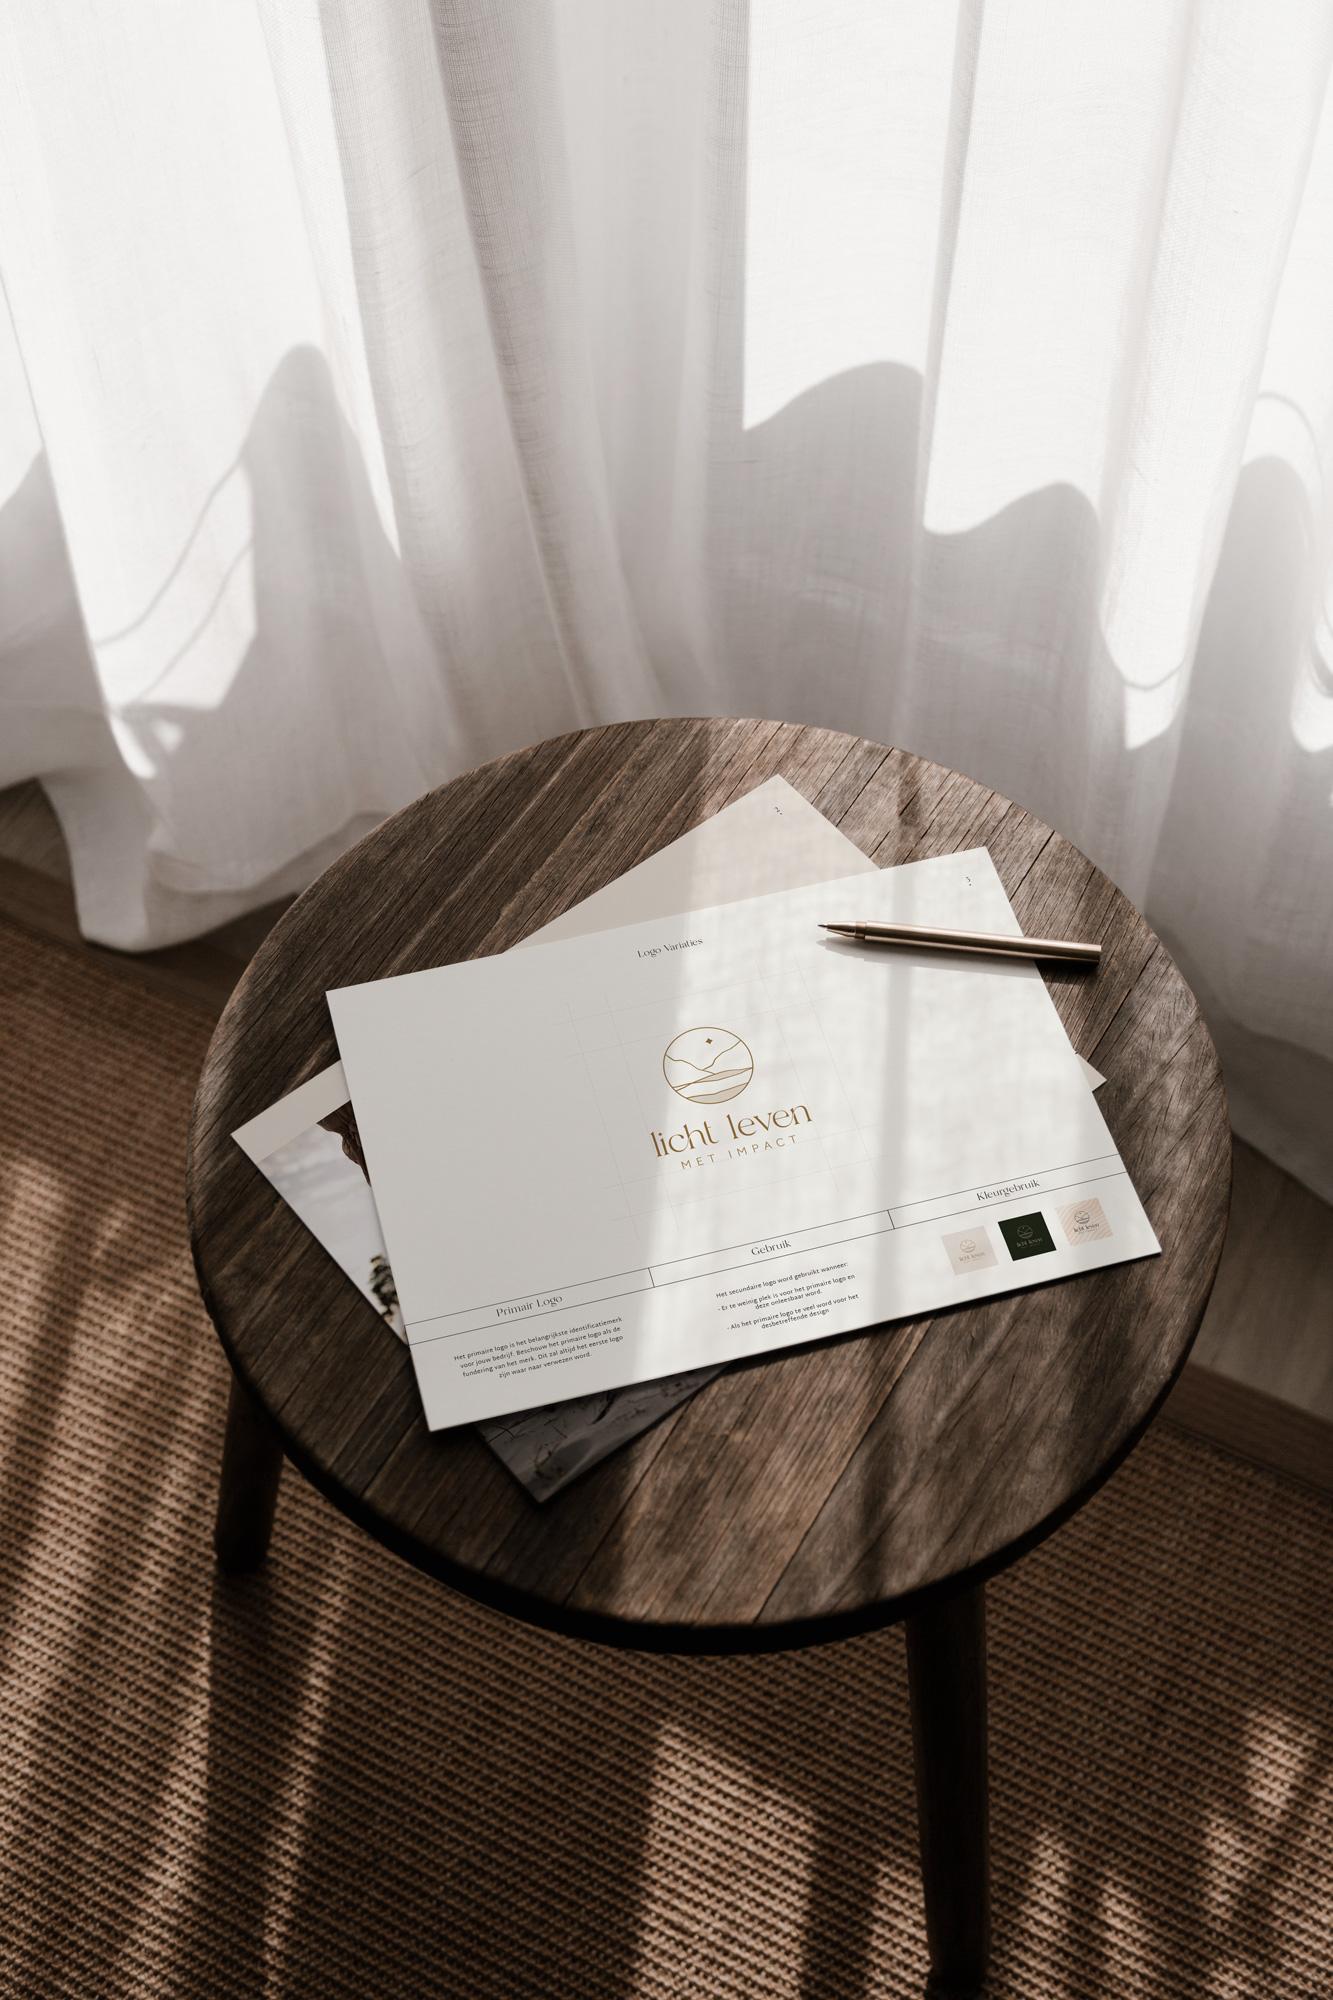 Allicante fotografie met daarin een paar bladzijdes uit het Brand Book van Licht Leven Met Impact